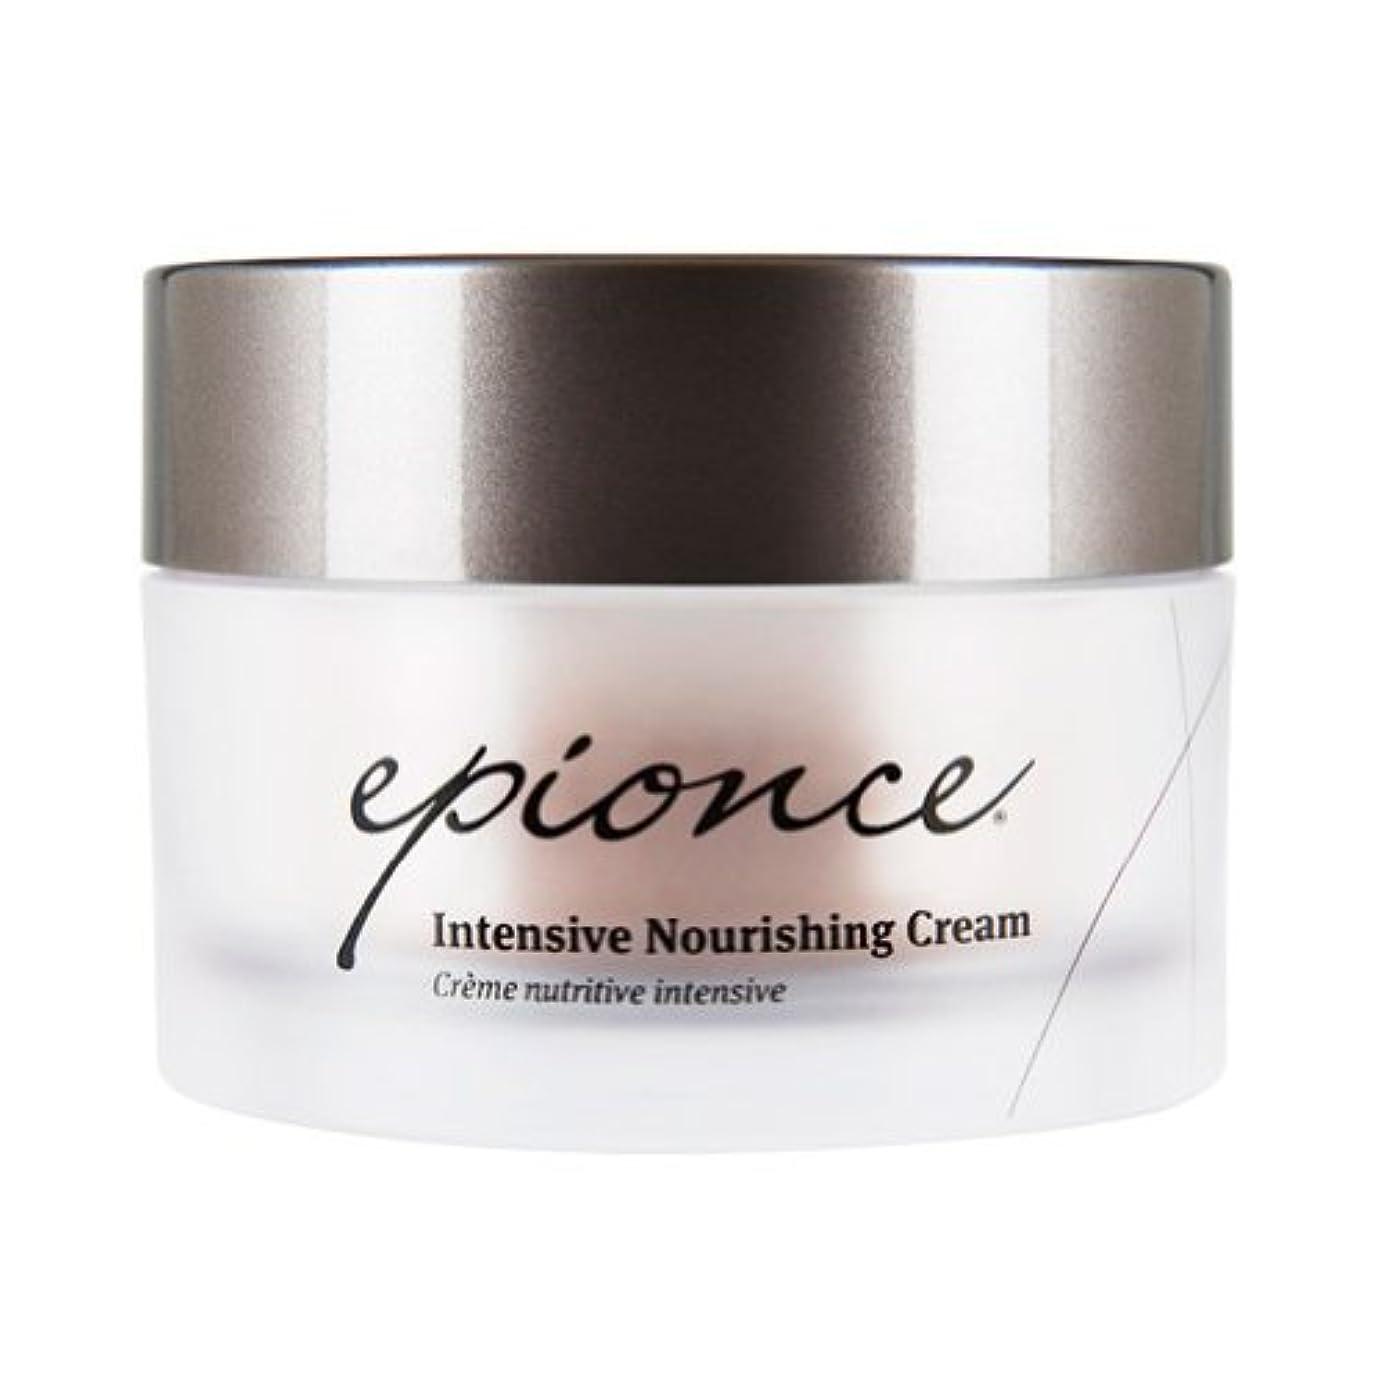 発表先駆者切り離すEpionce Intensive Nourishing Cream - For Extremely Dry/Photoaged Skin 50g/1.7oz並行輸入品